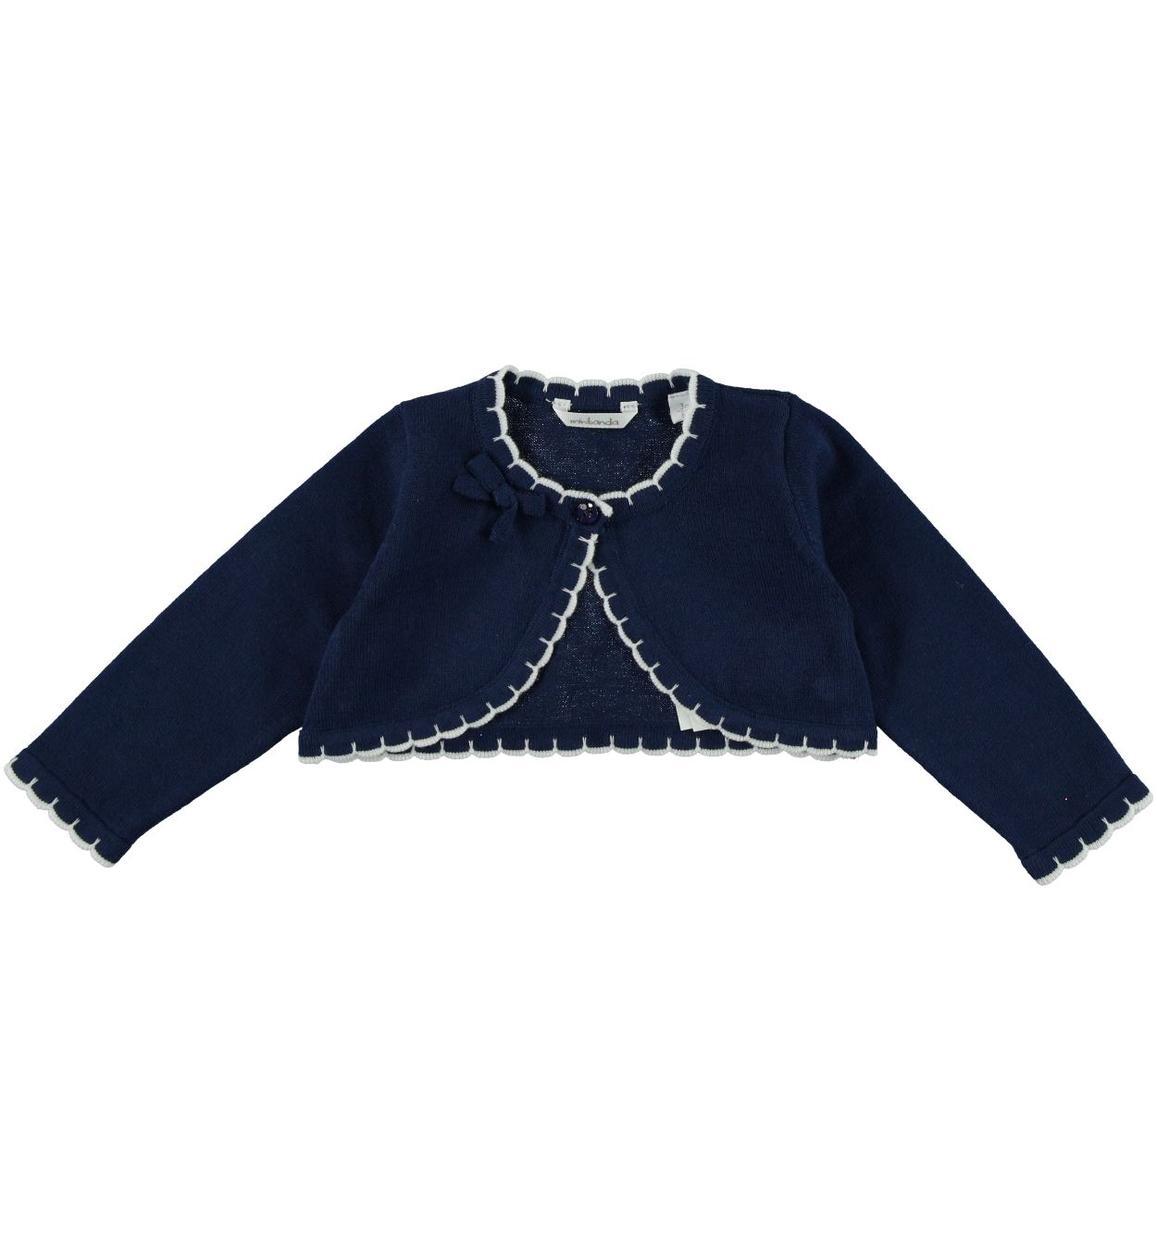 sports shoes a70cc 6ad04 Coprispalla in tricot 100% cotone per neonata da 0 a 24 mesi Minibanda